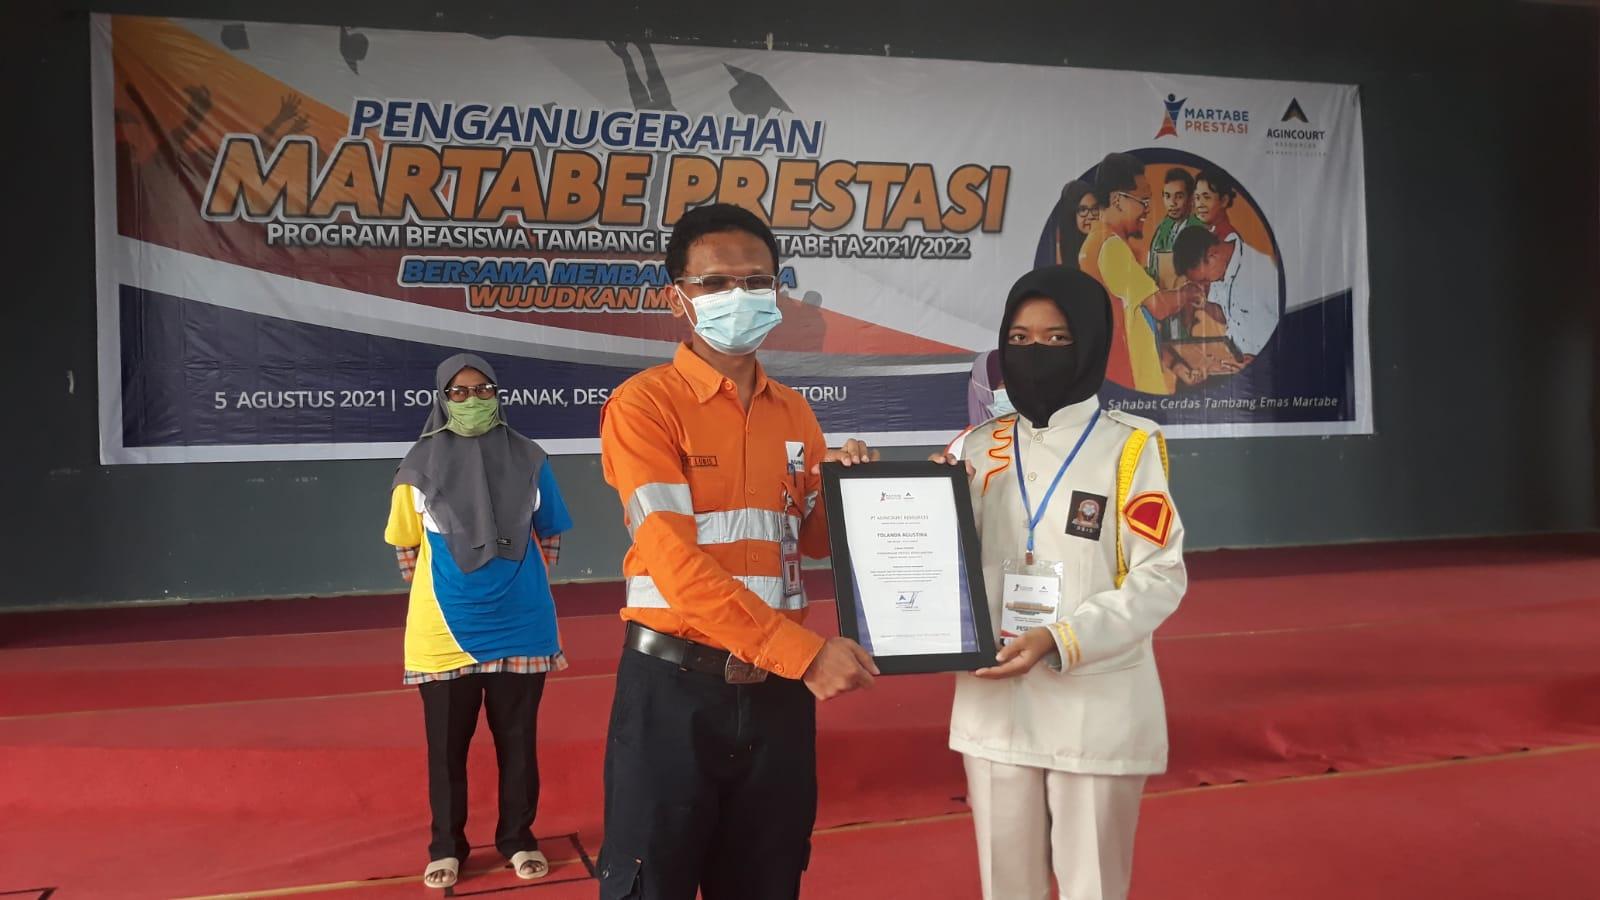 General Manager Operations PT AR, Rahmat Lubis saat menyerahkan piagam beasiswa prestasi kepada salah seorang penerima. Foto:L Istimewa